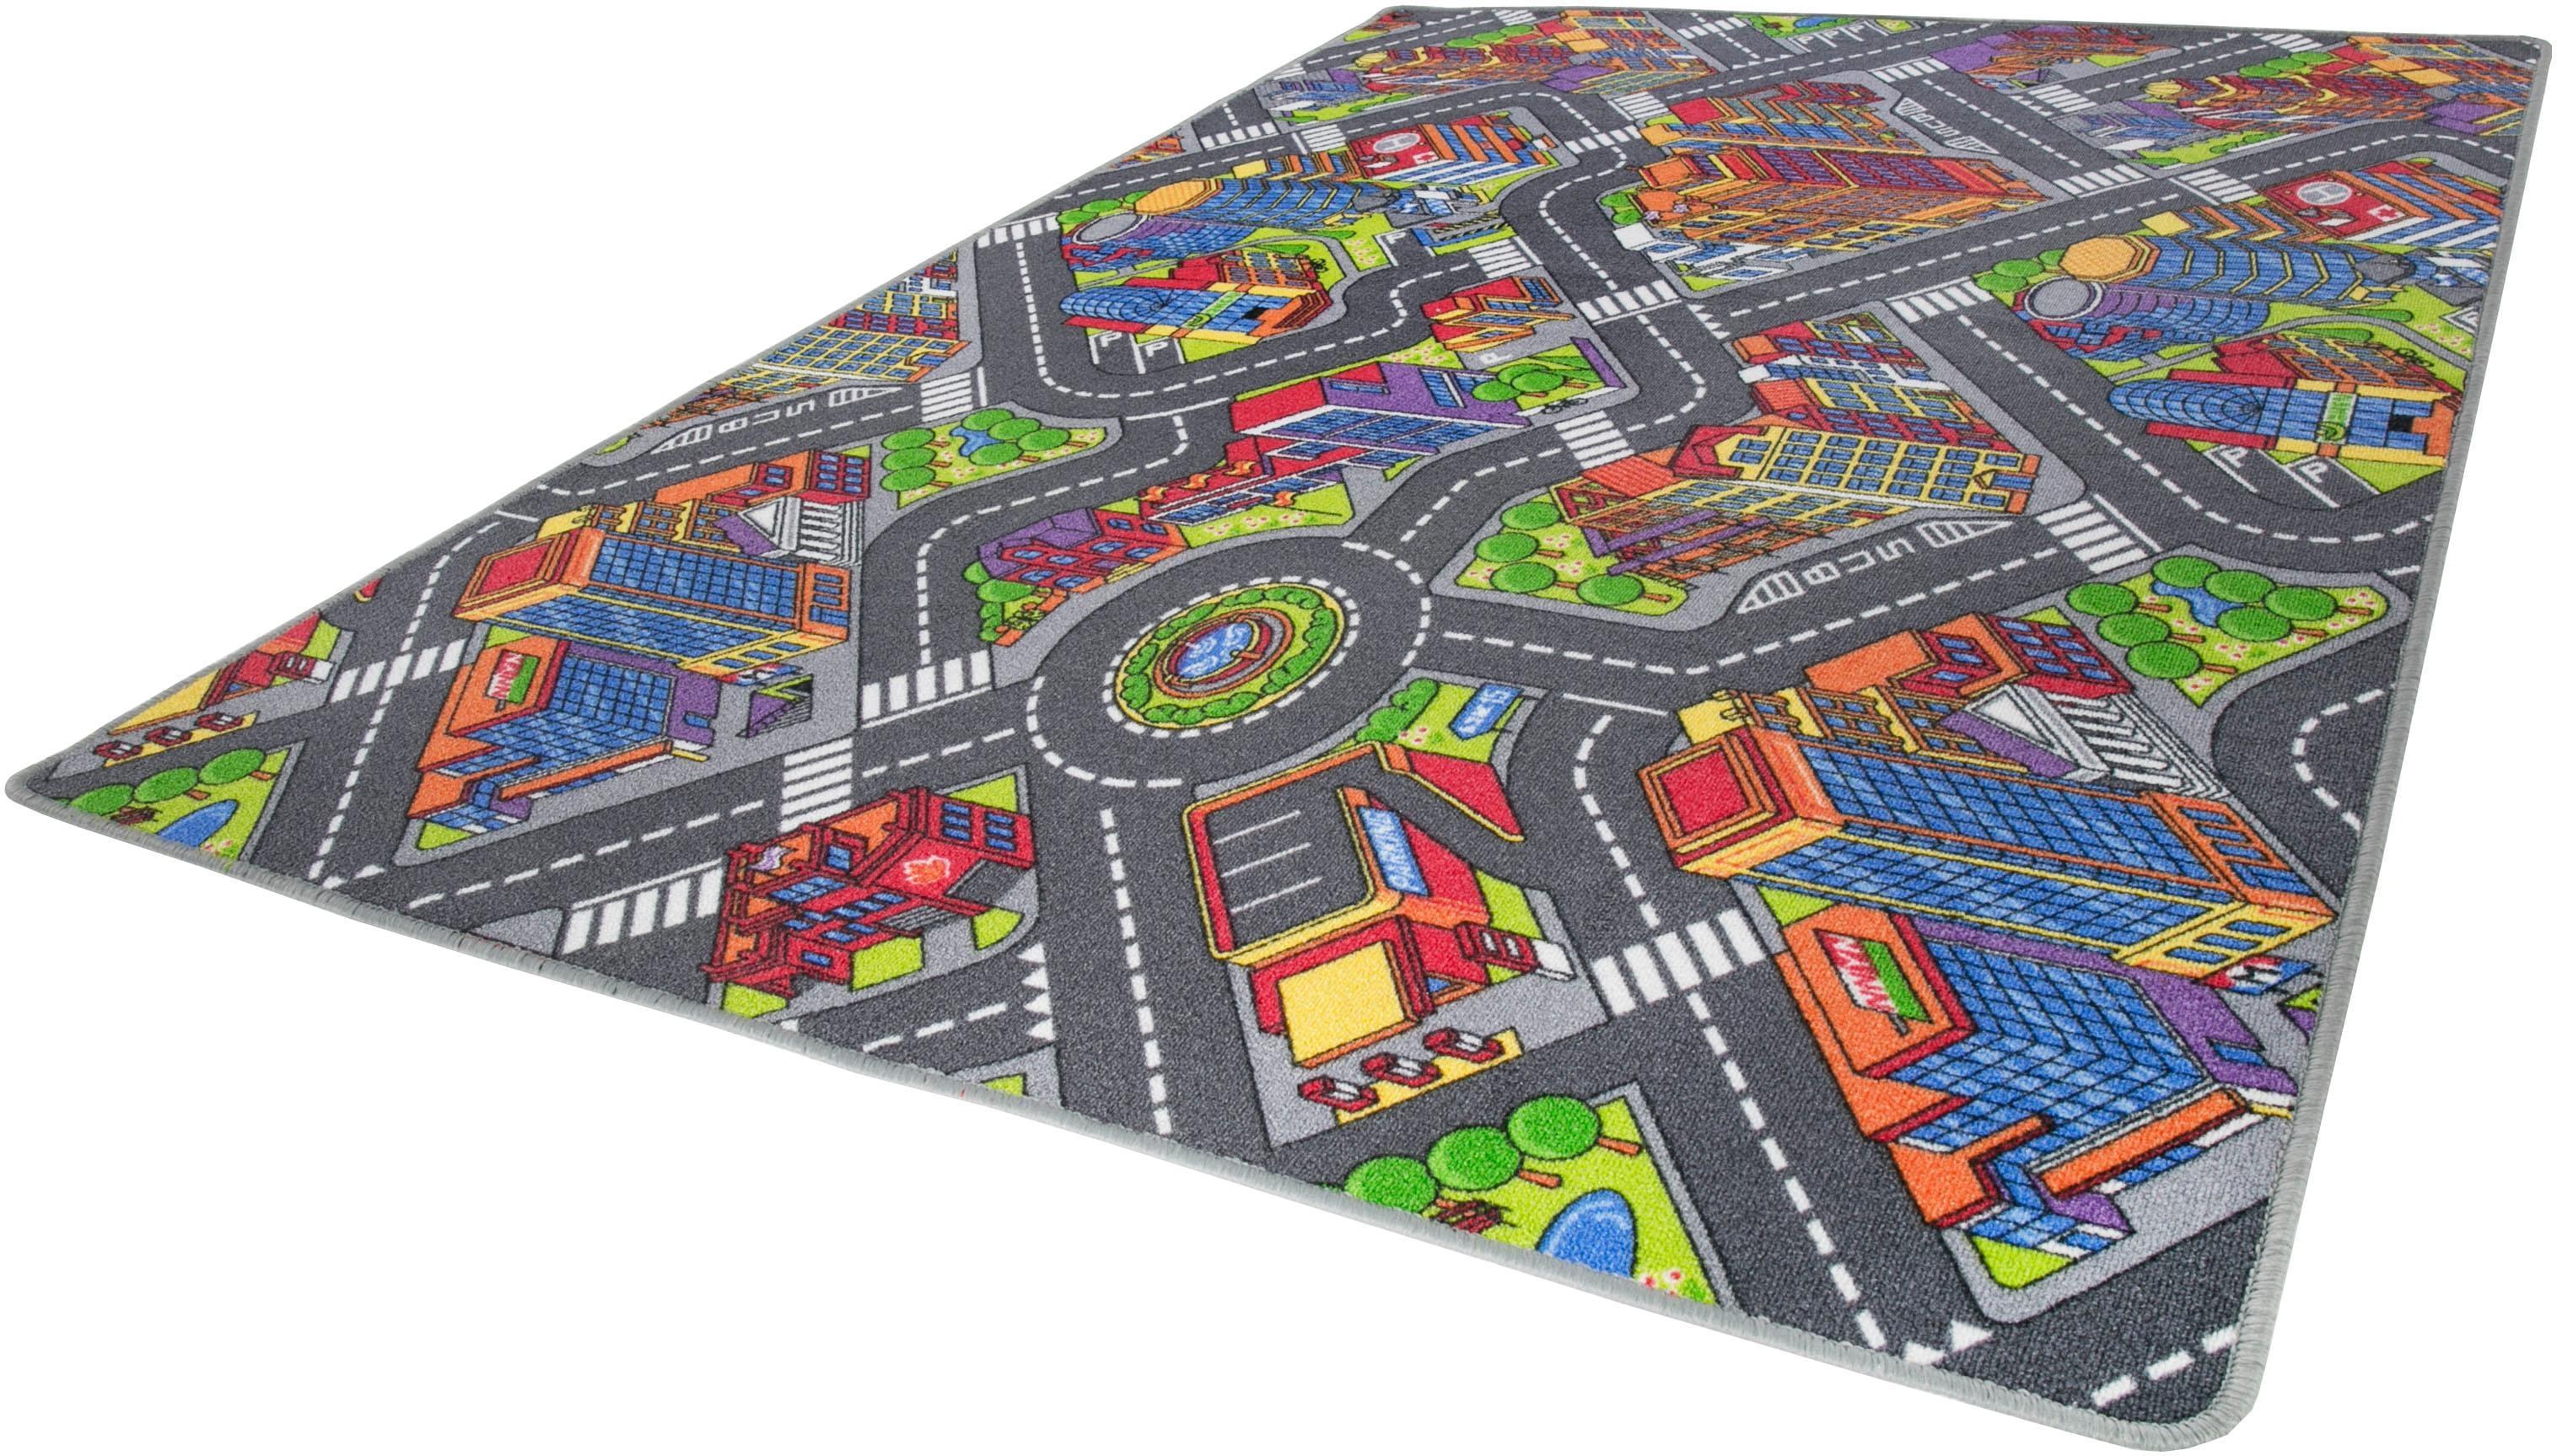 Kinderteppich, Big City, Andiamo, rechteckig, Höhe 7 mm, maschinell getuftet bunt Kinder Bunte Kinderteppiche Teppiche